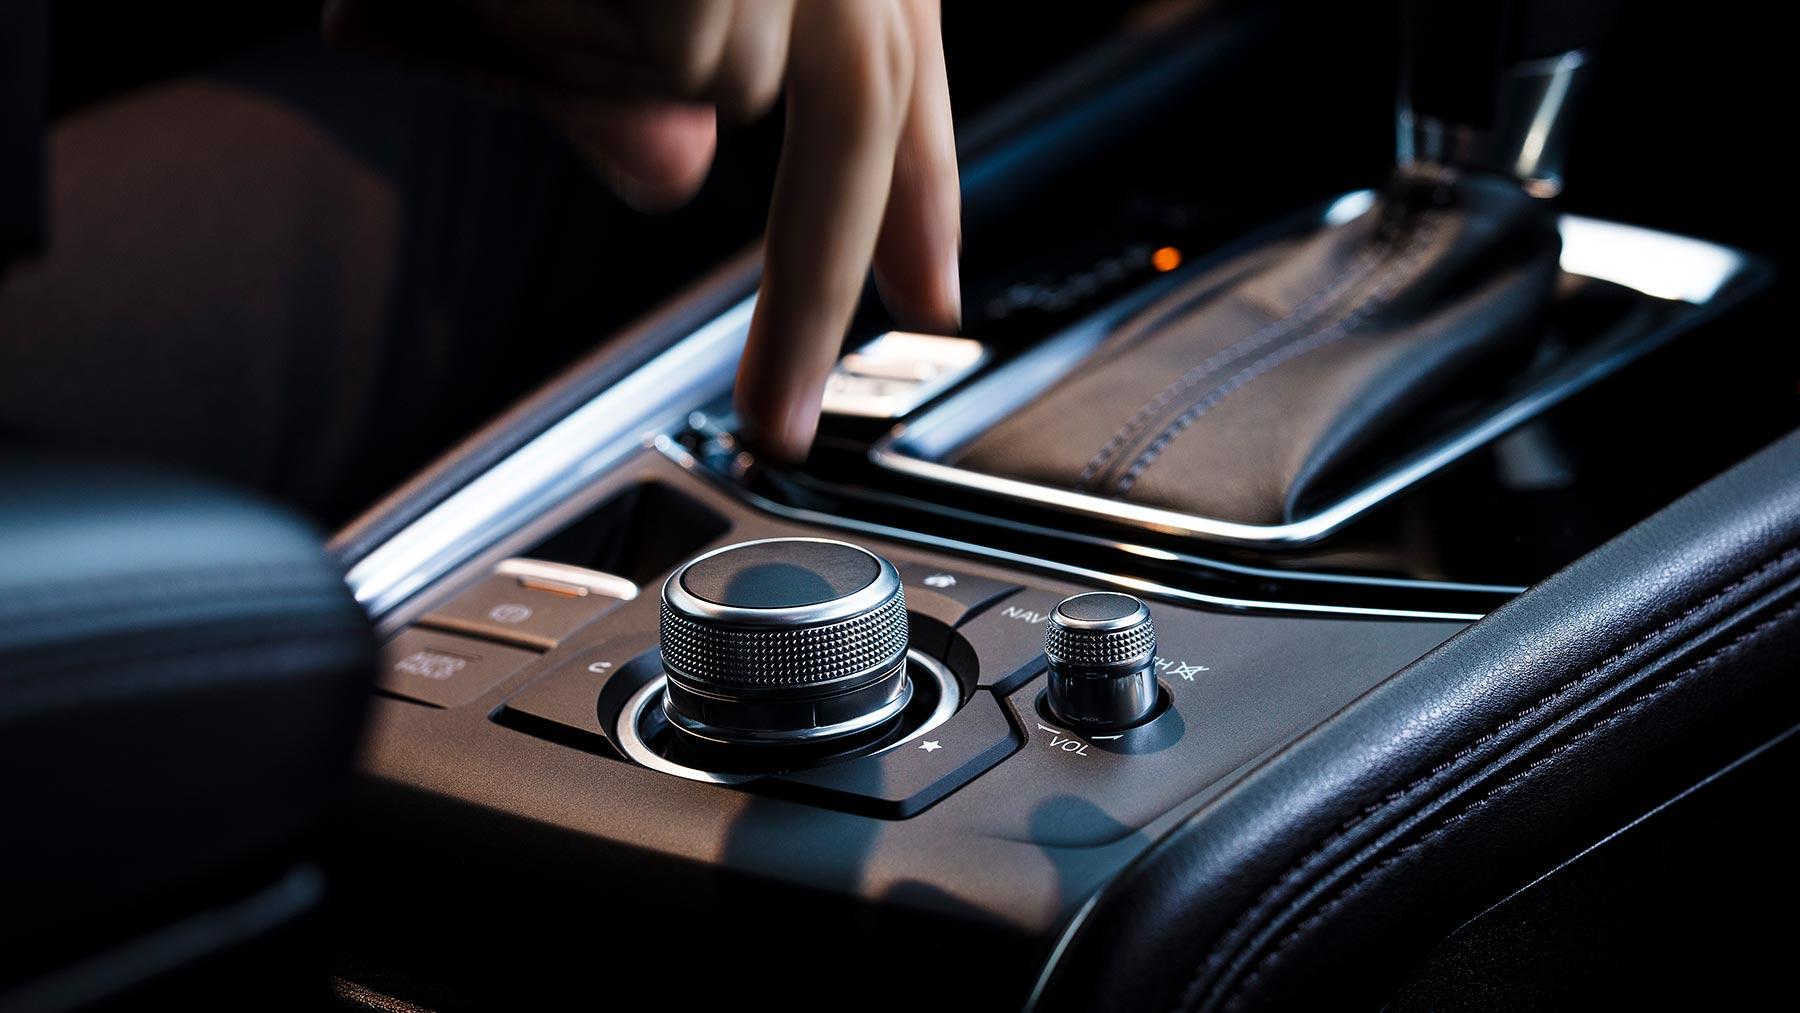 2019 Mazda CX-5 Gear Shifter